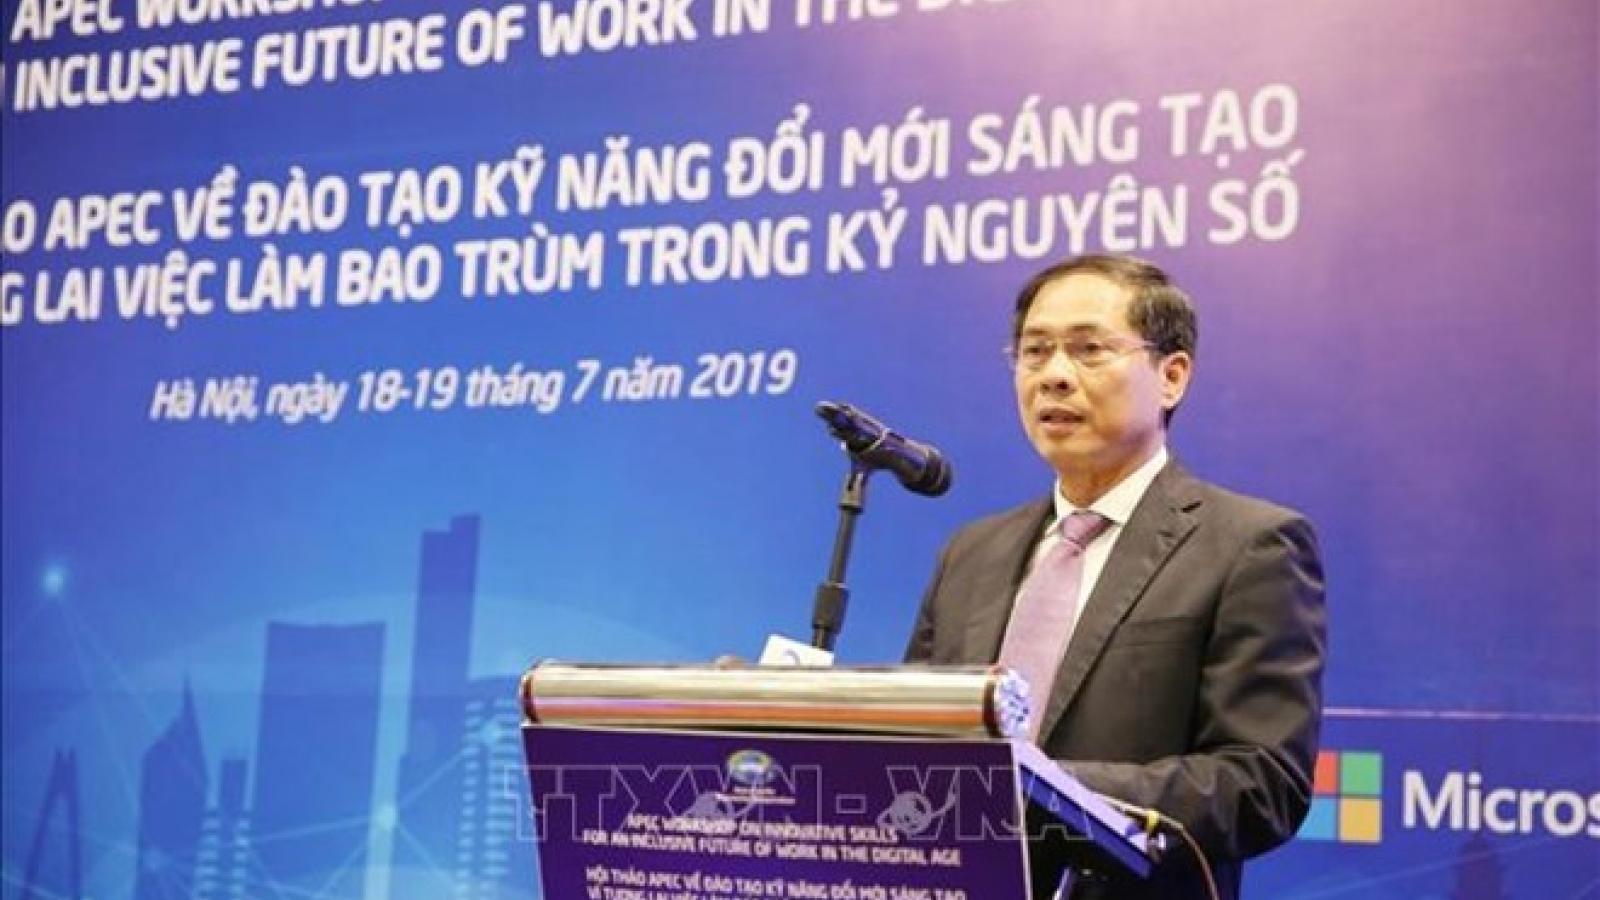 APEC workshop promotes innovative work skills in digital age